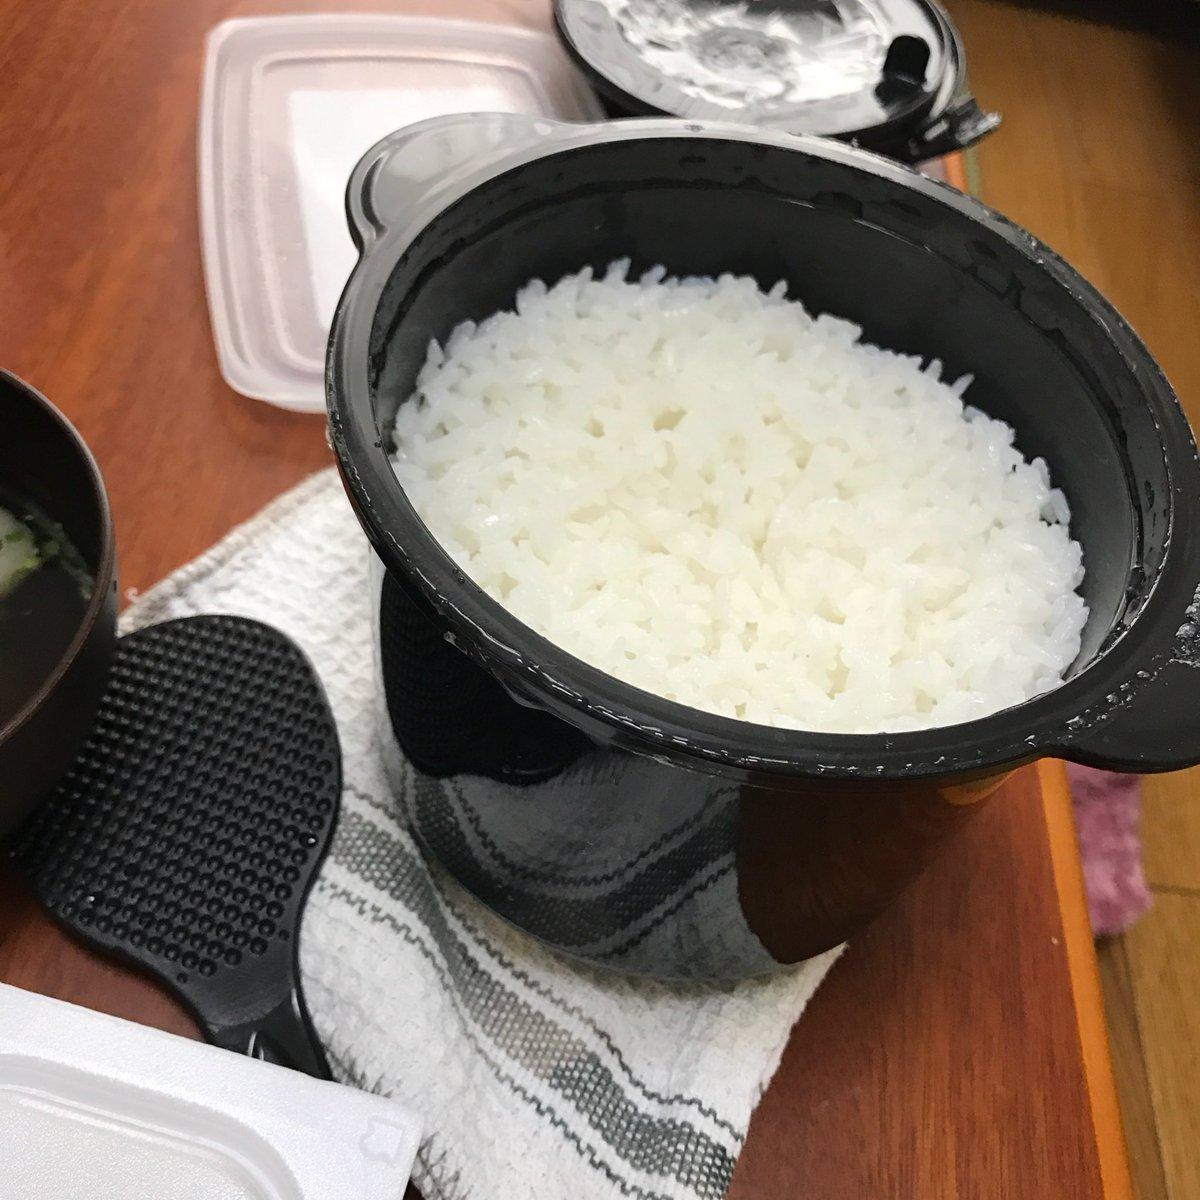 一人暮らしのみなさん…レンジ炊飯器…最高です…2合炊きなのでとても便利……蒸しパンもカレーも作れます……しゃもじと軽量カップがついて密林で800円という安さです…………